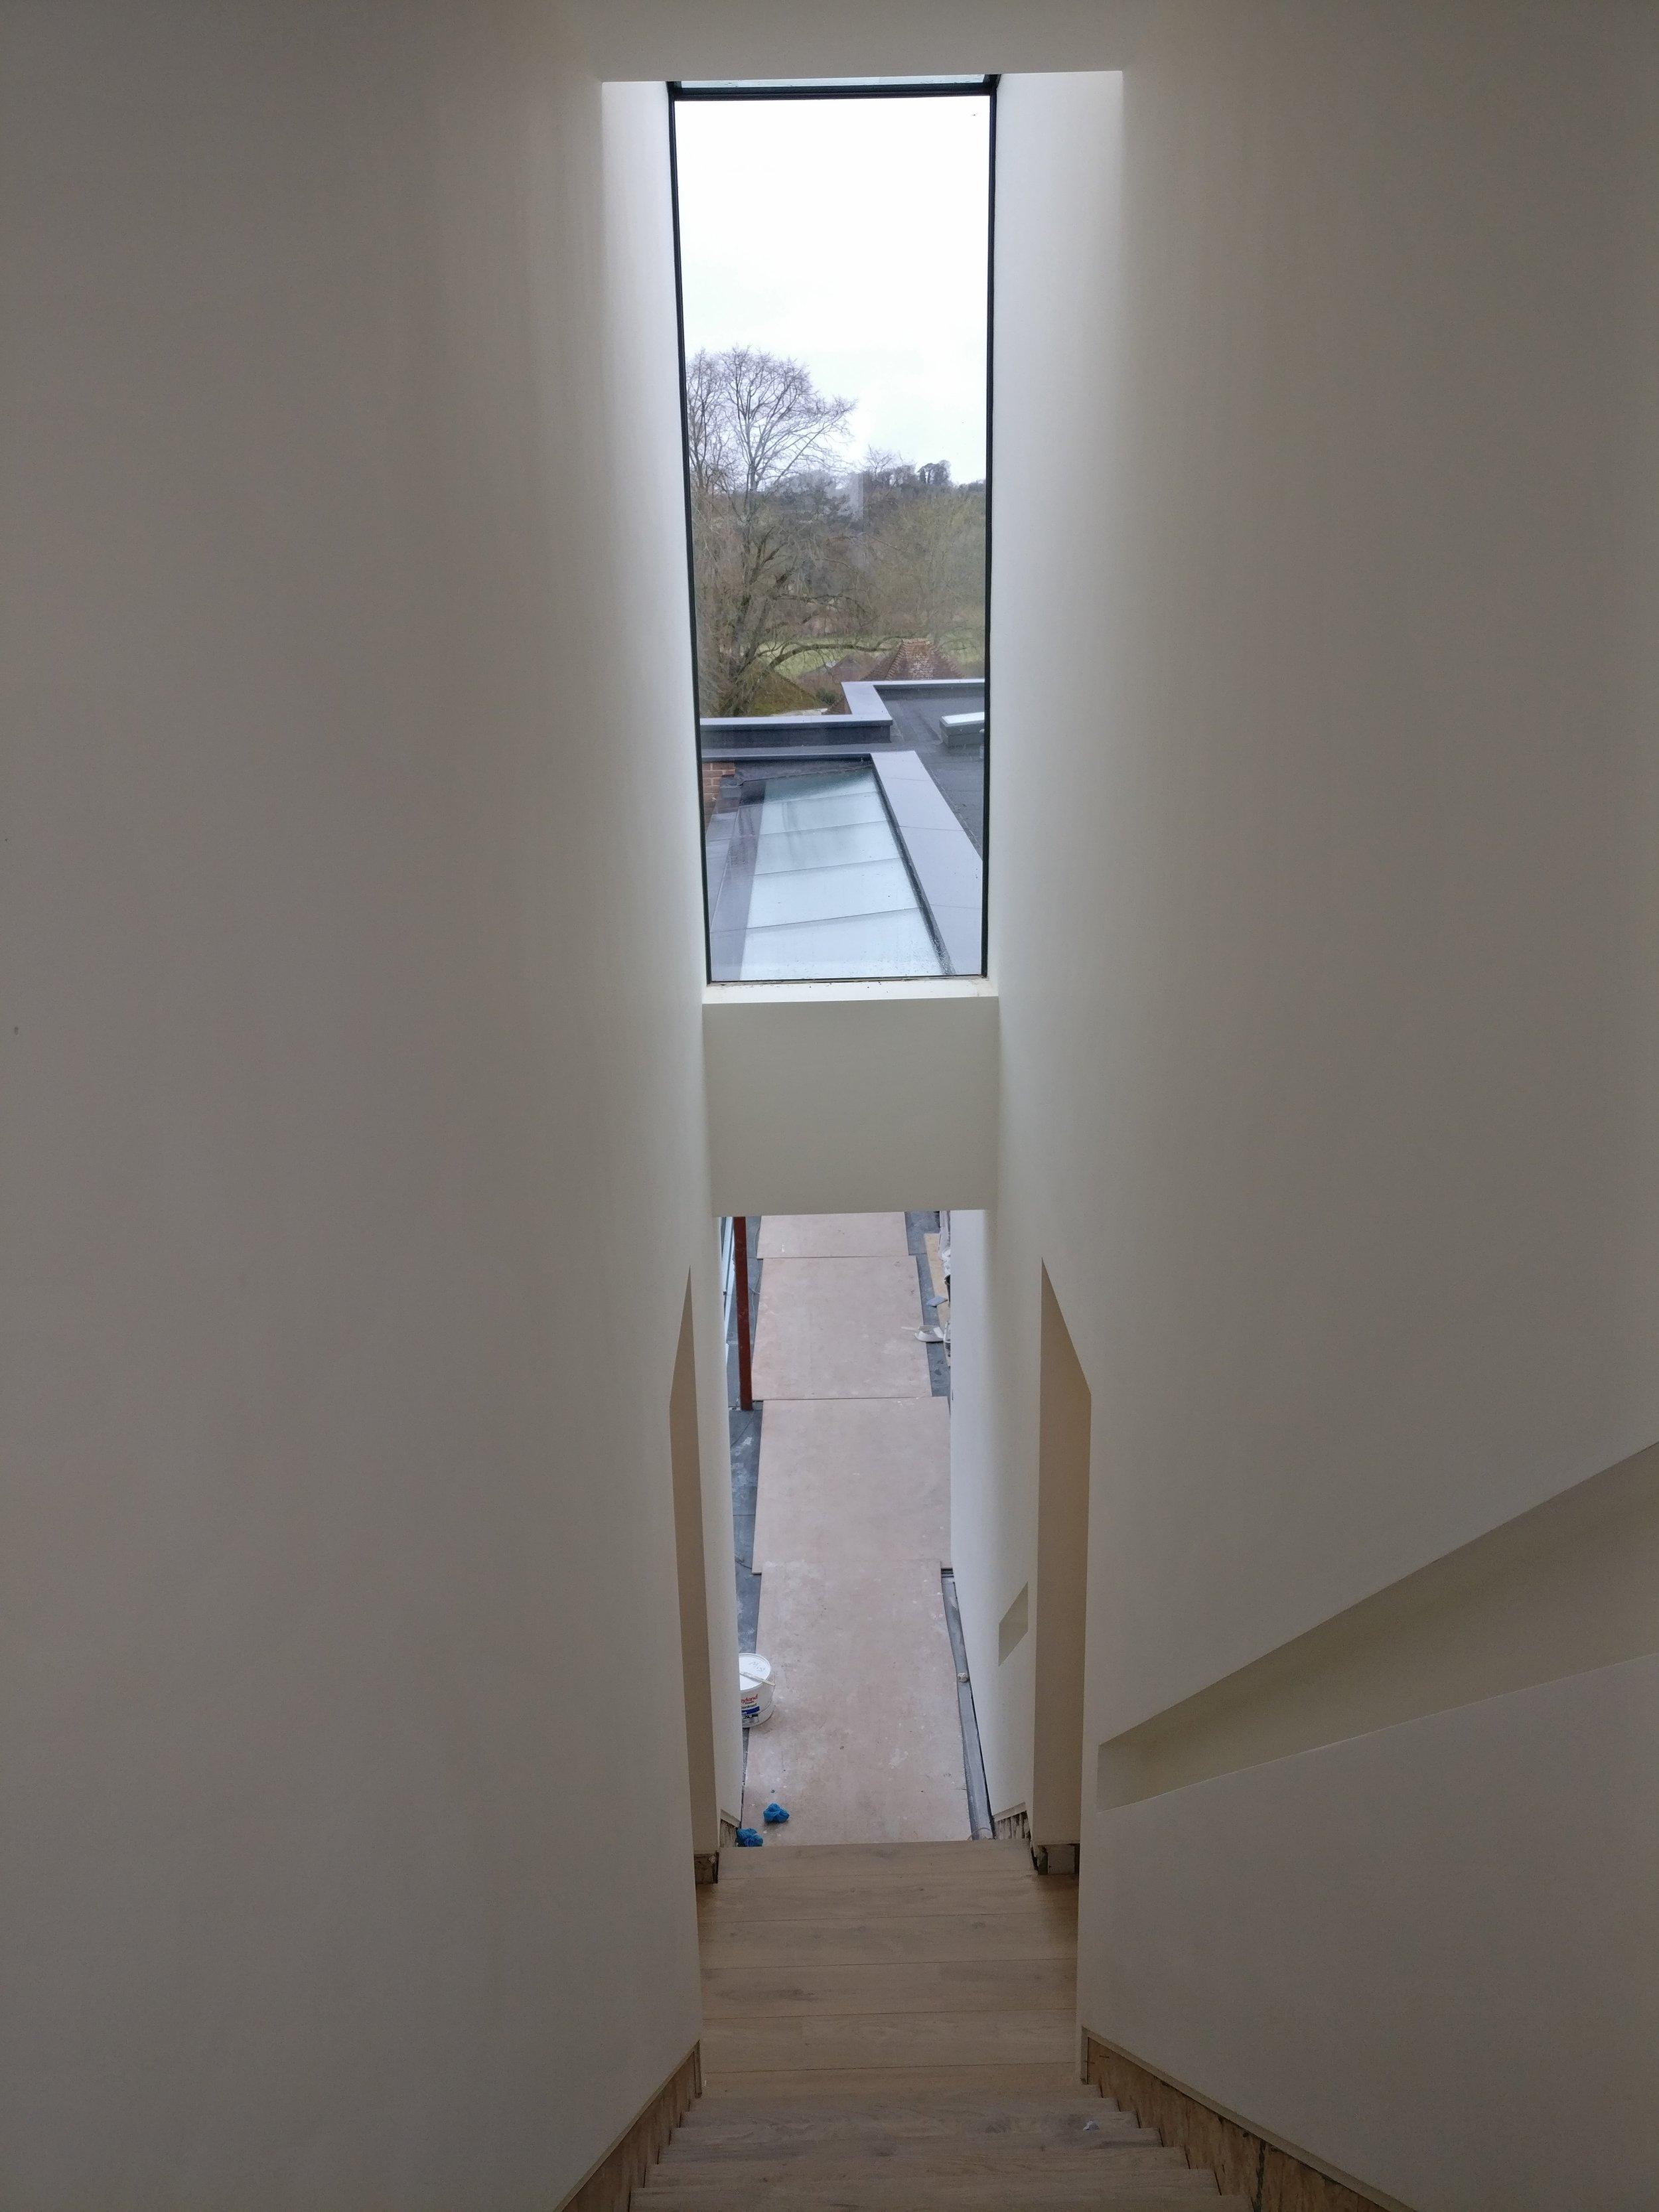 Paul Cashin Architects / Woodcote House, Upham, Near Winchester, Hampshire Progressing on Site